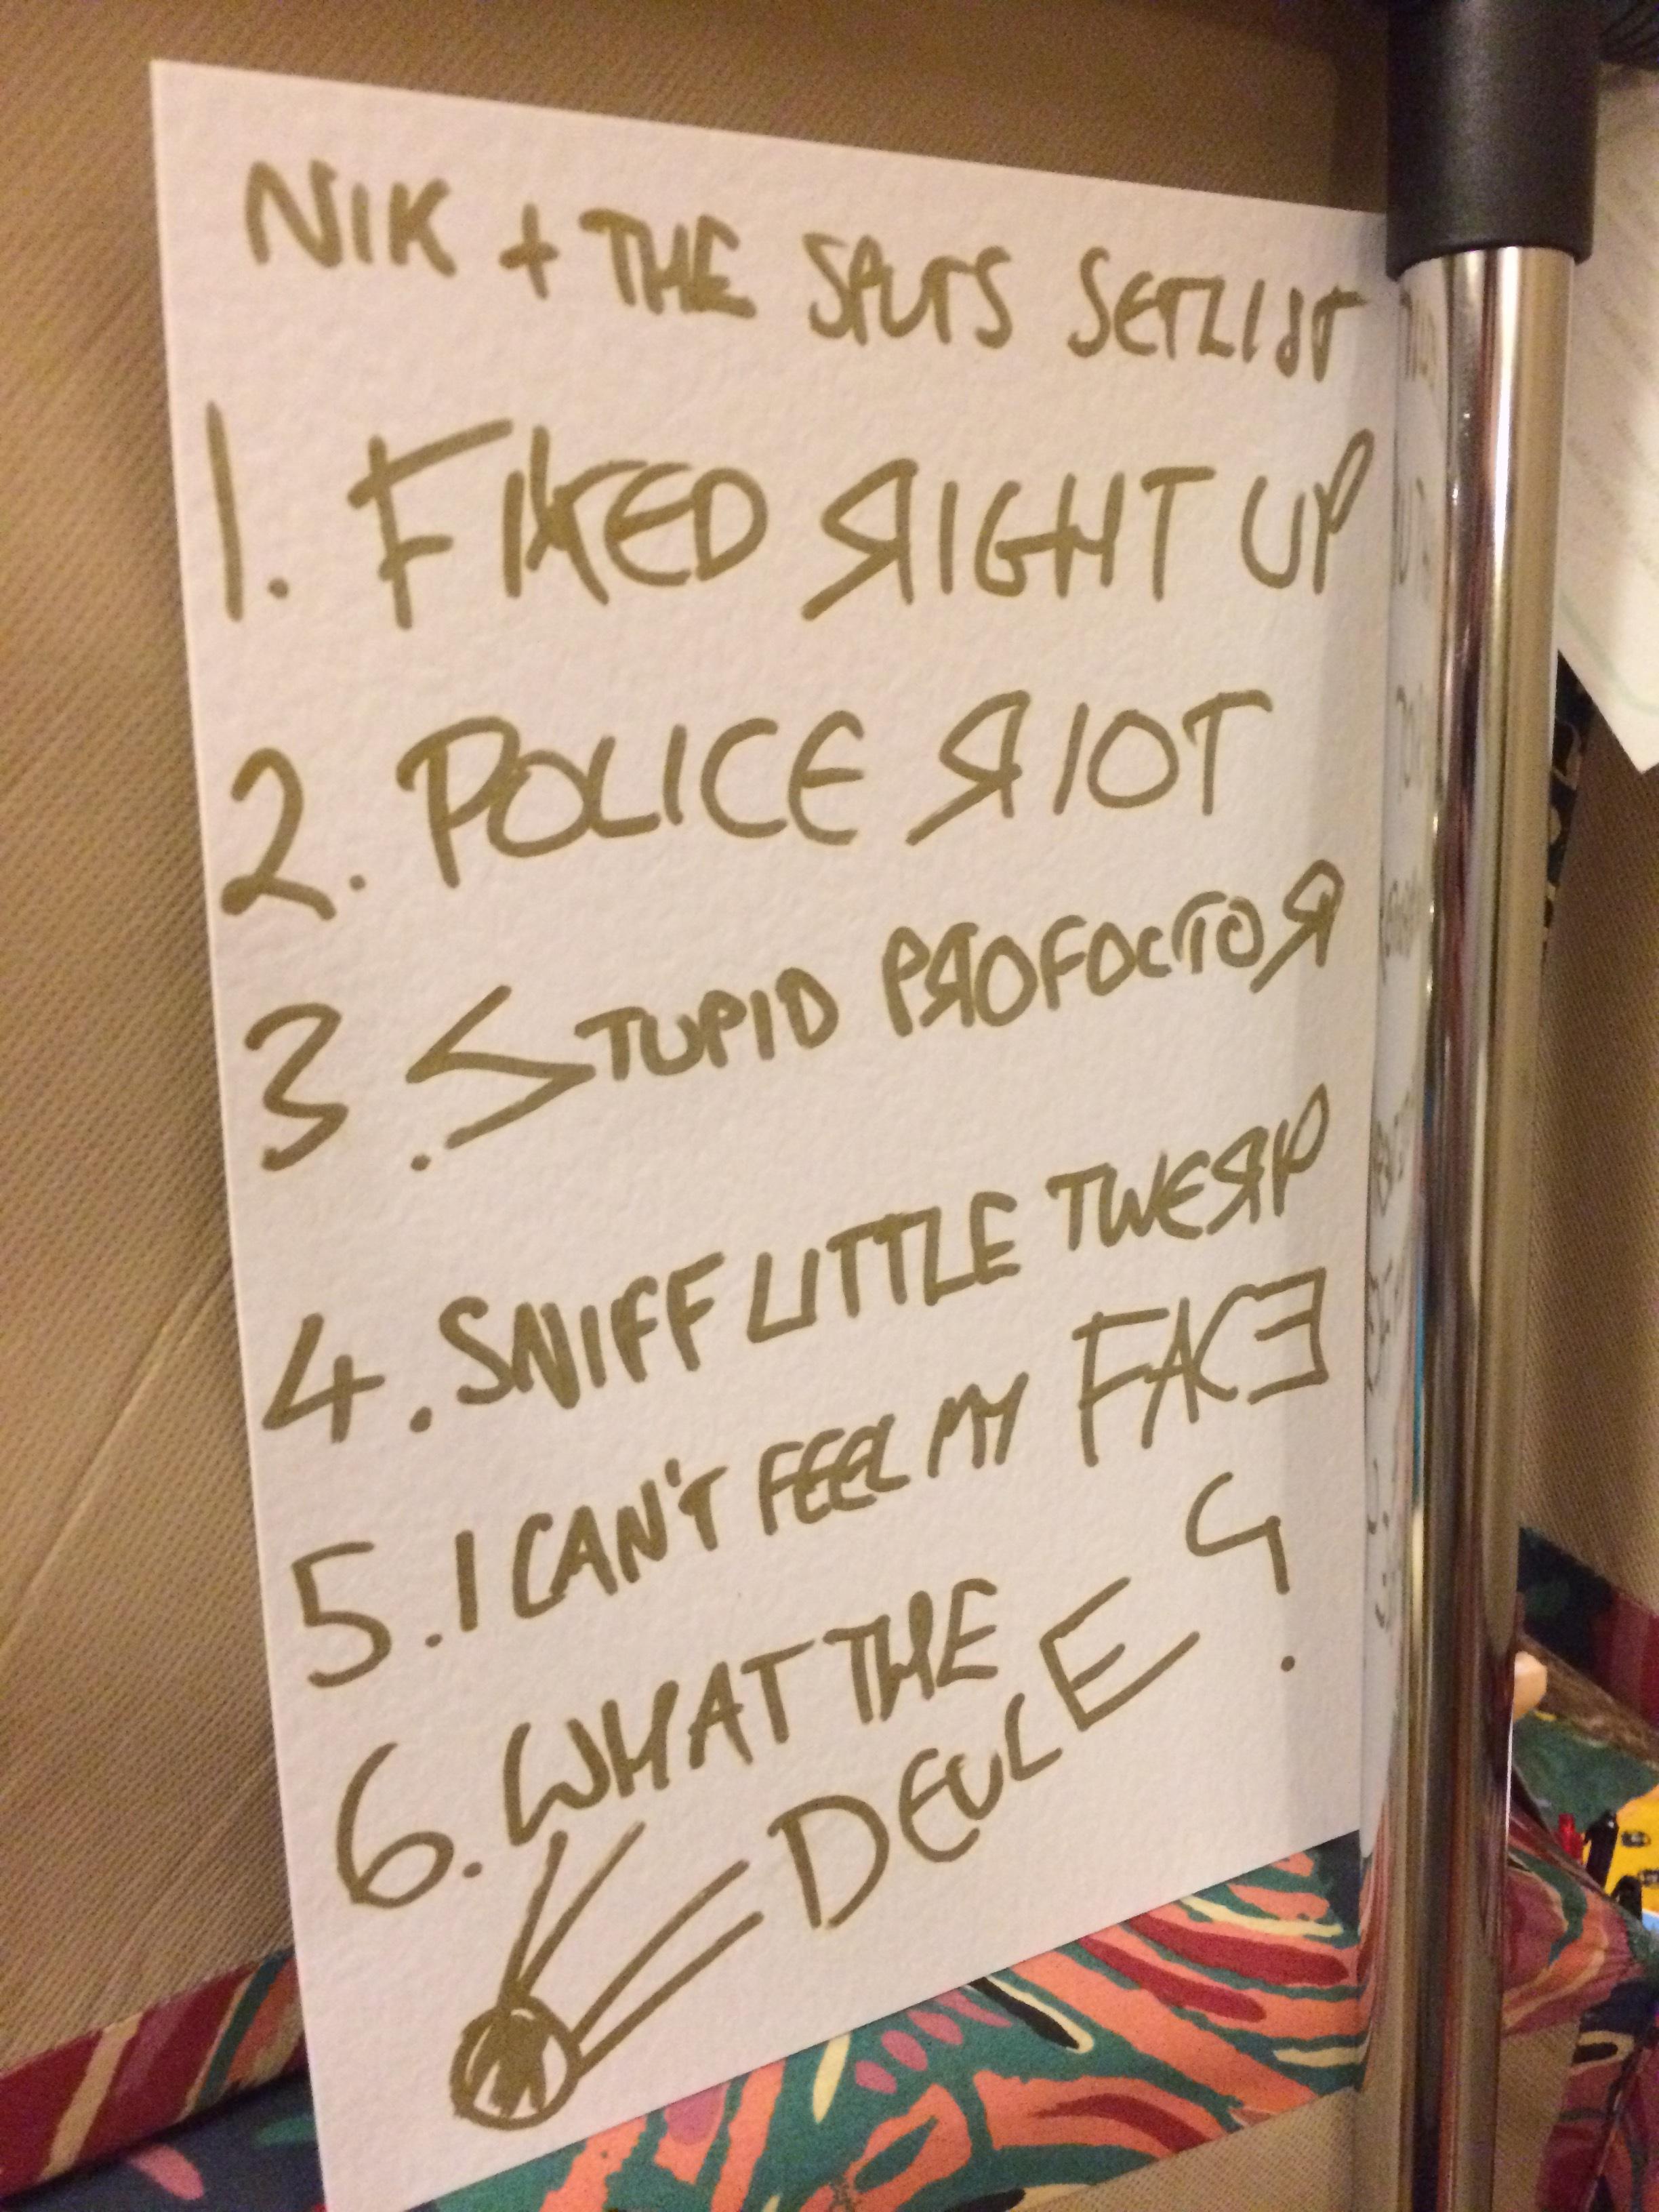 Nik and the Sputs setlist